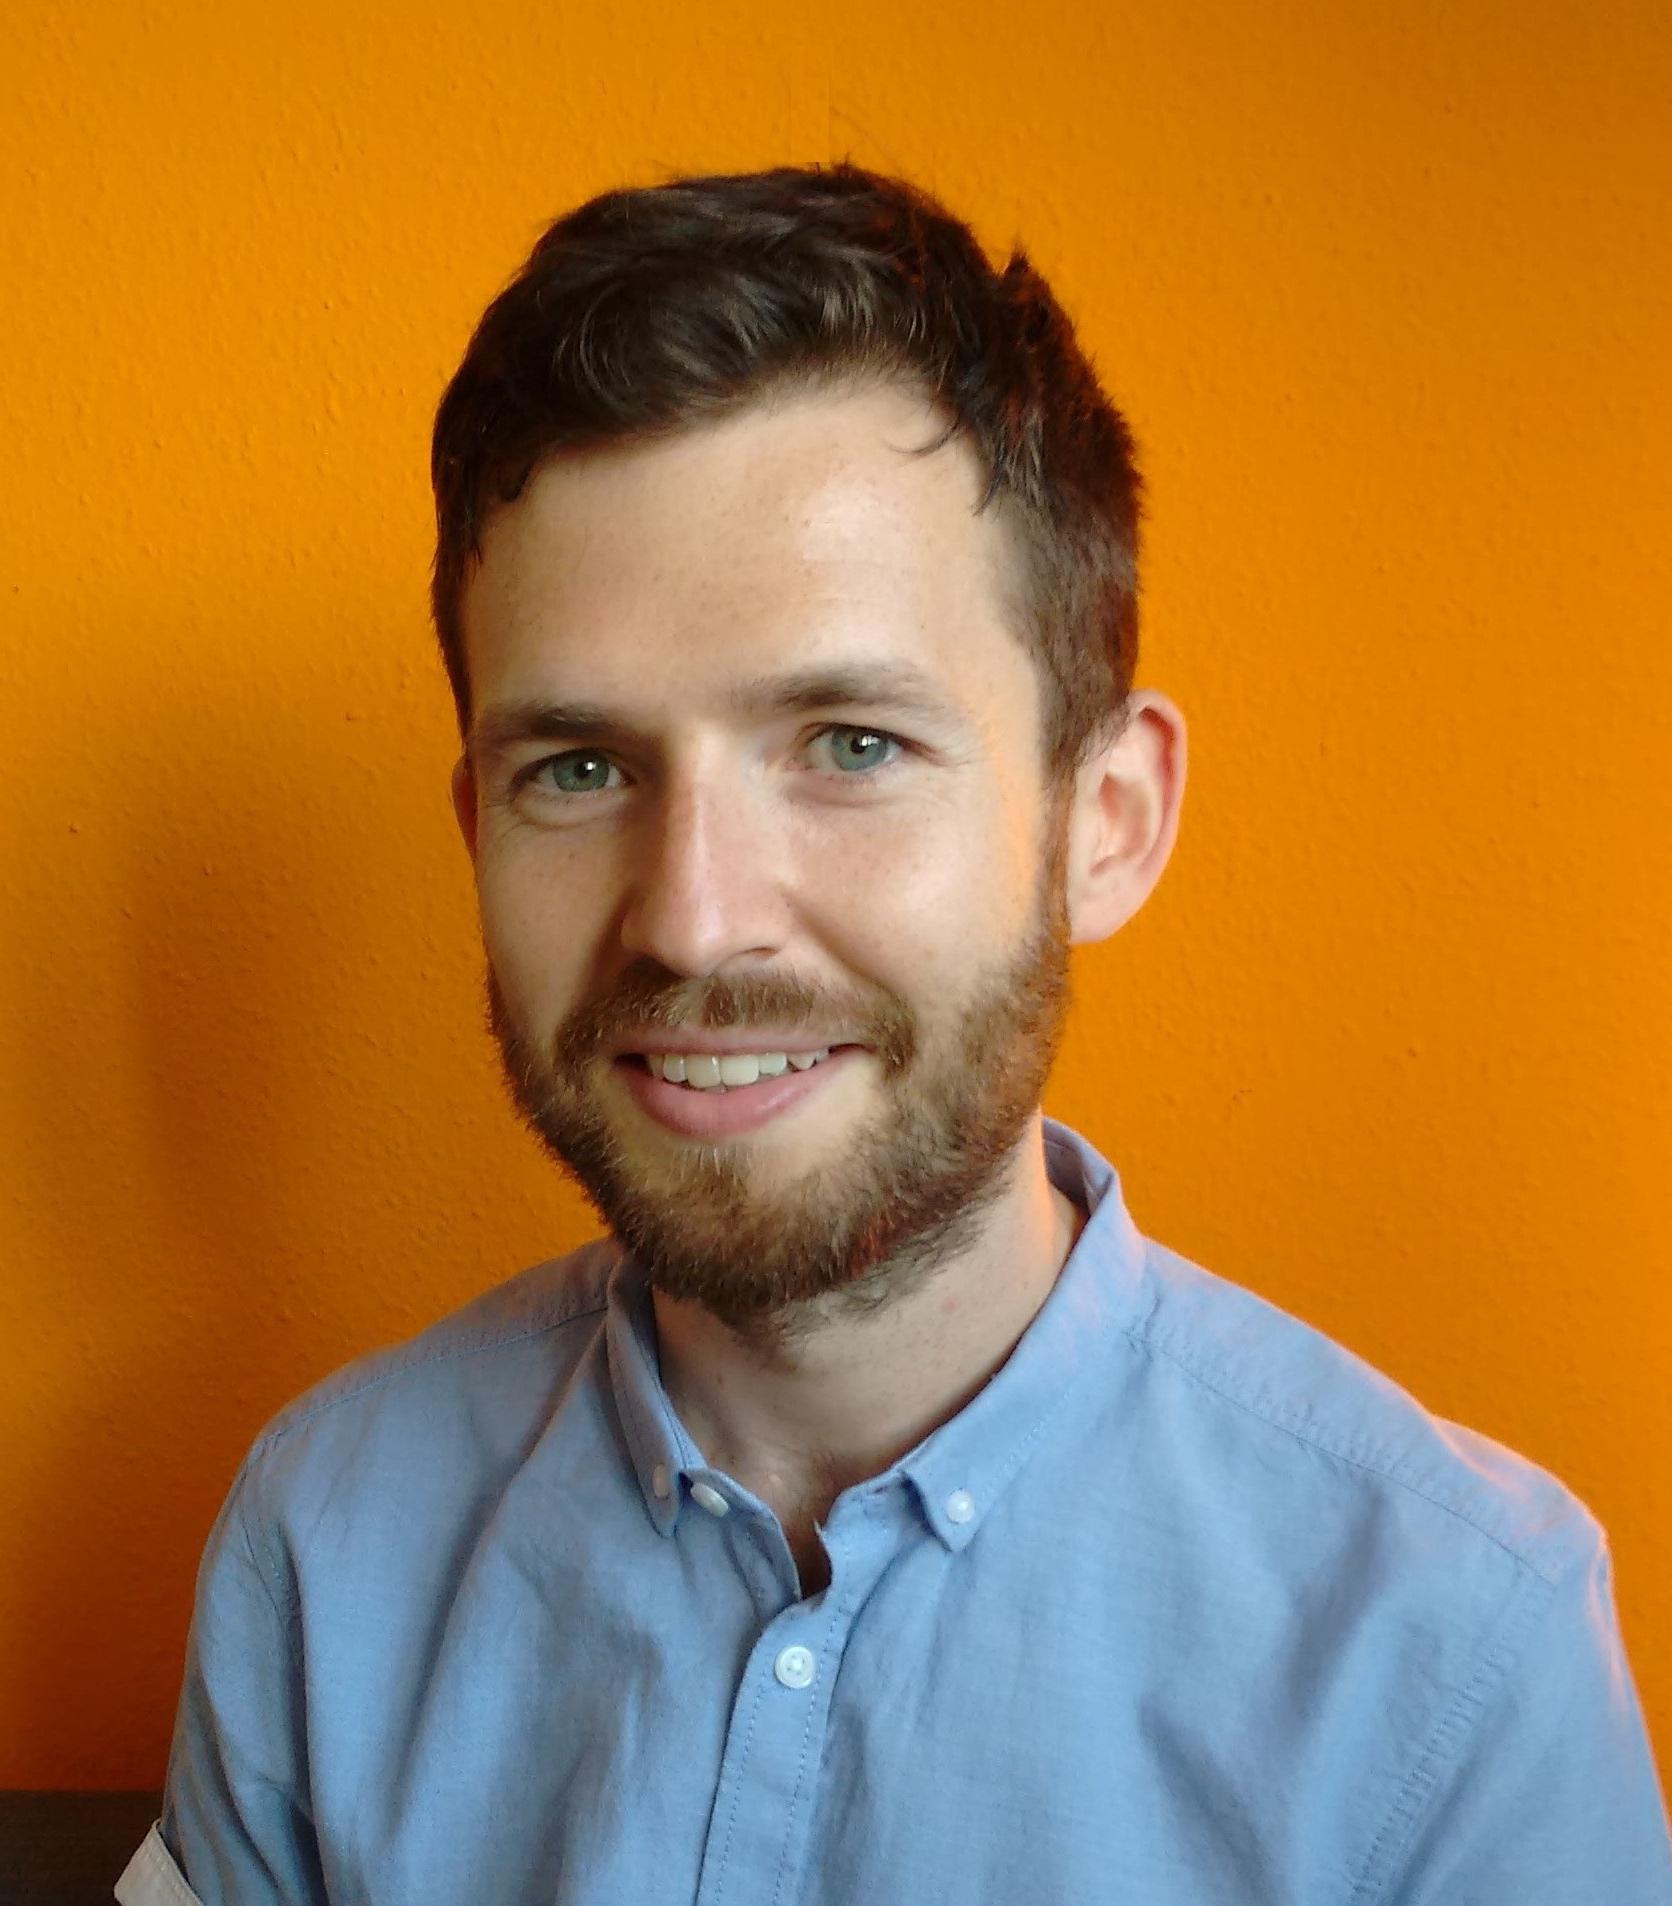 Matt Tutt